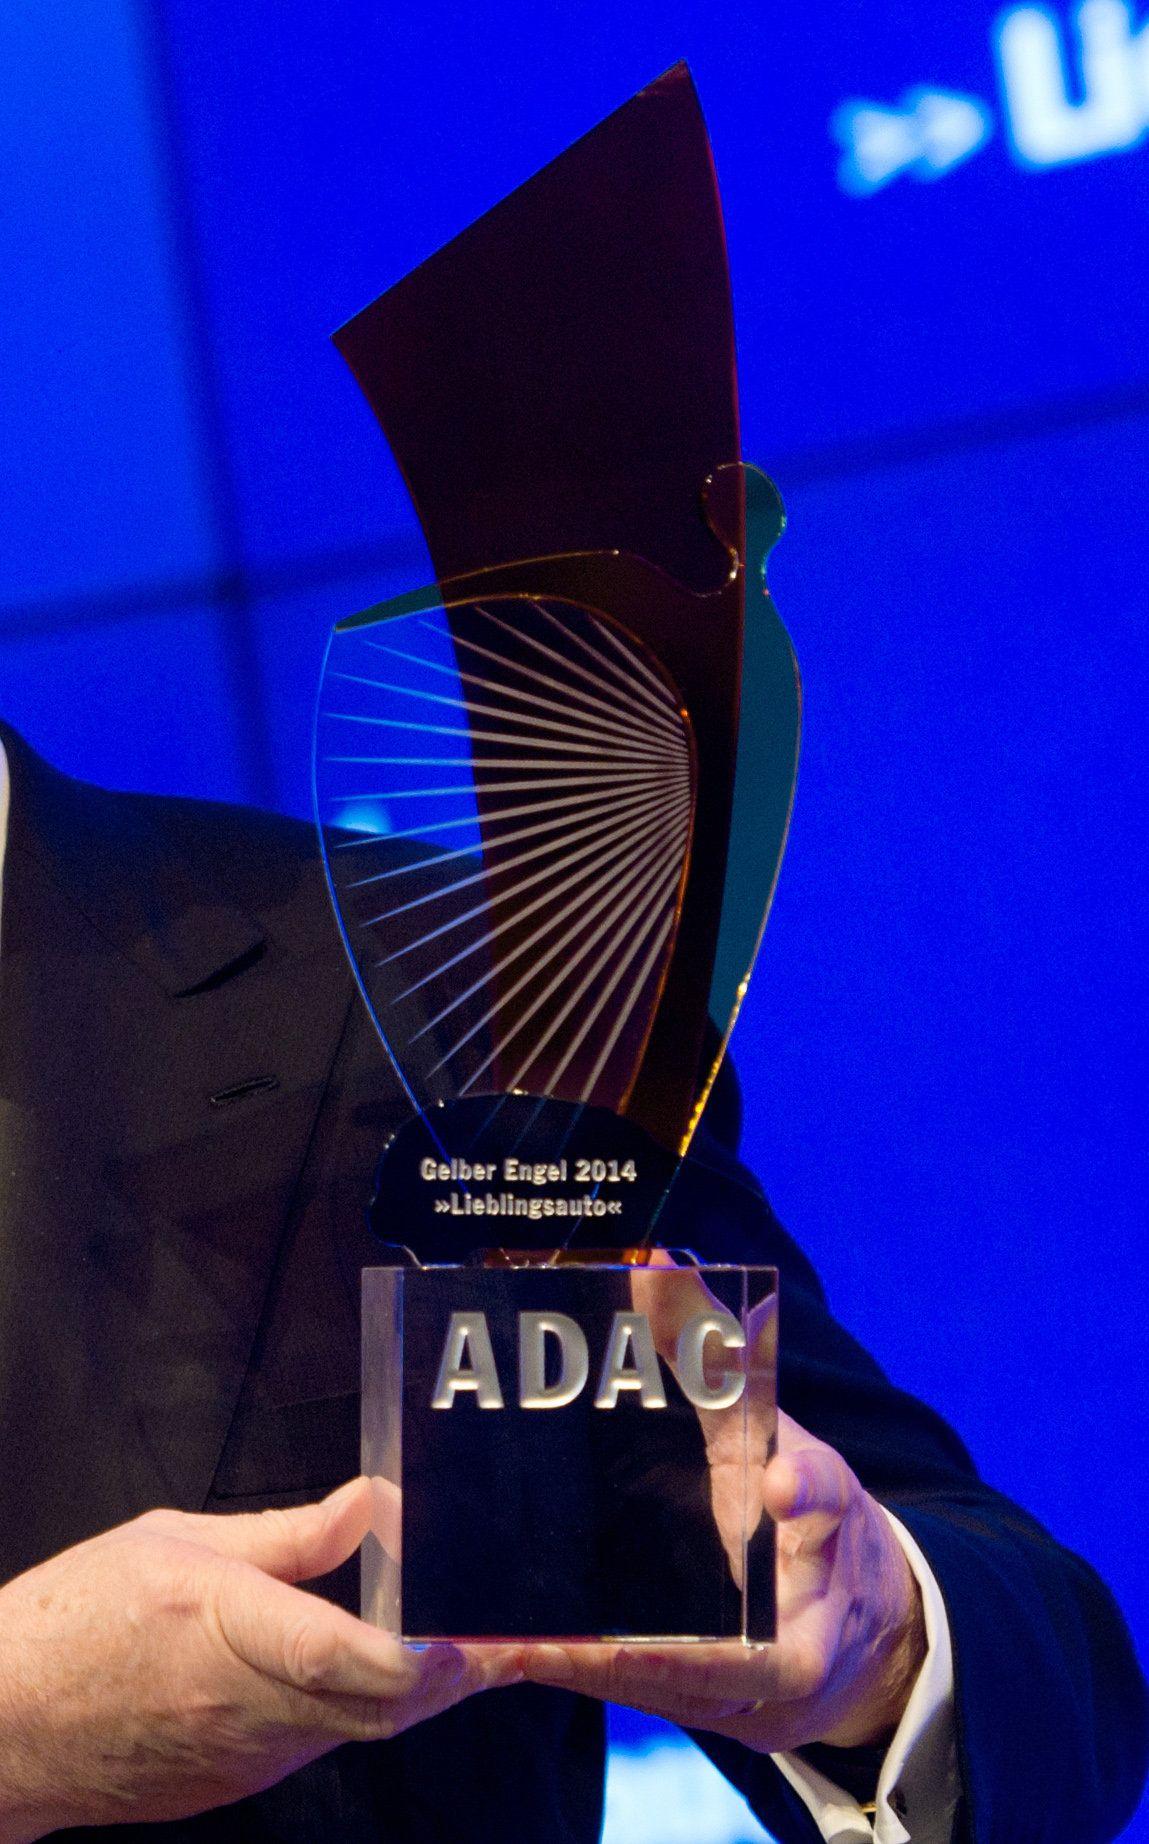 ADAC / Gelber Engel / Verleihung